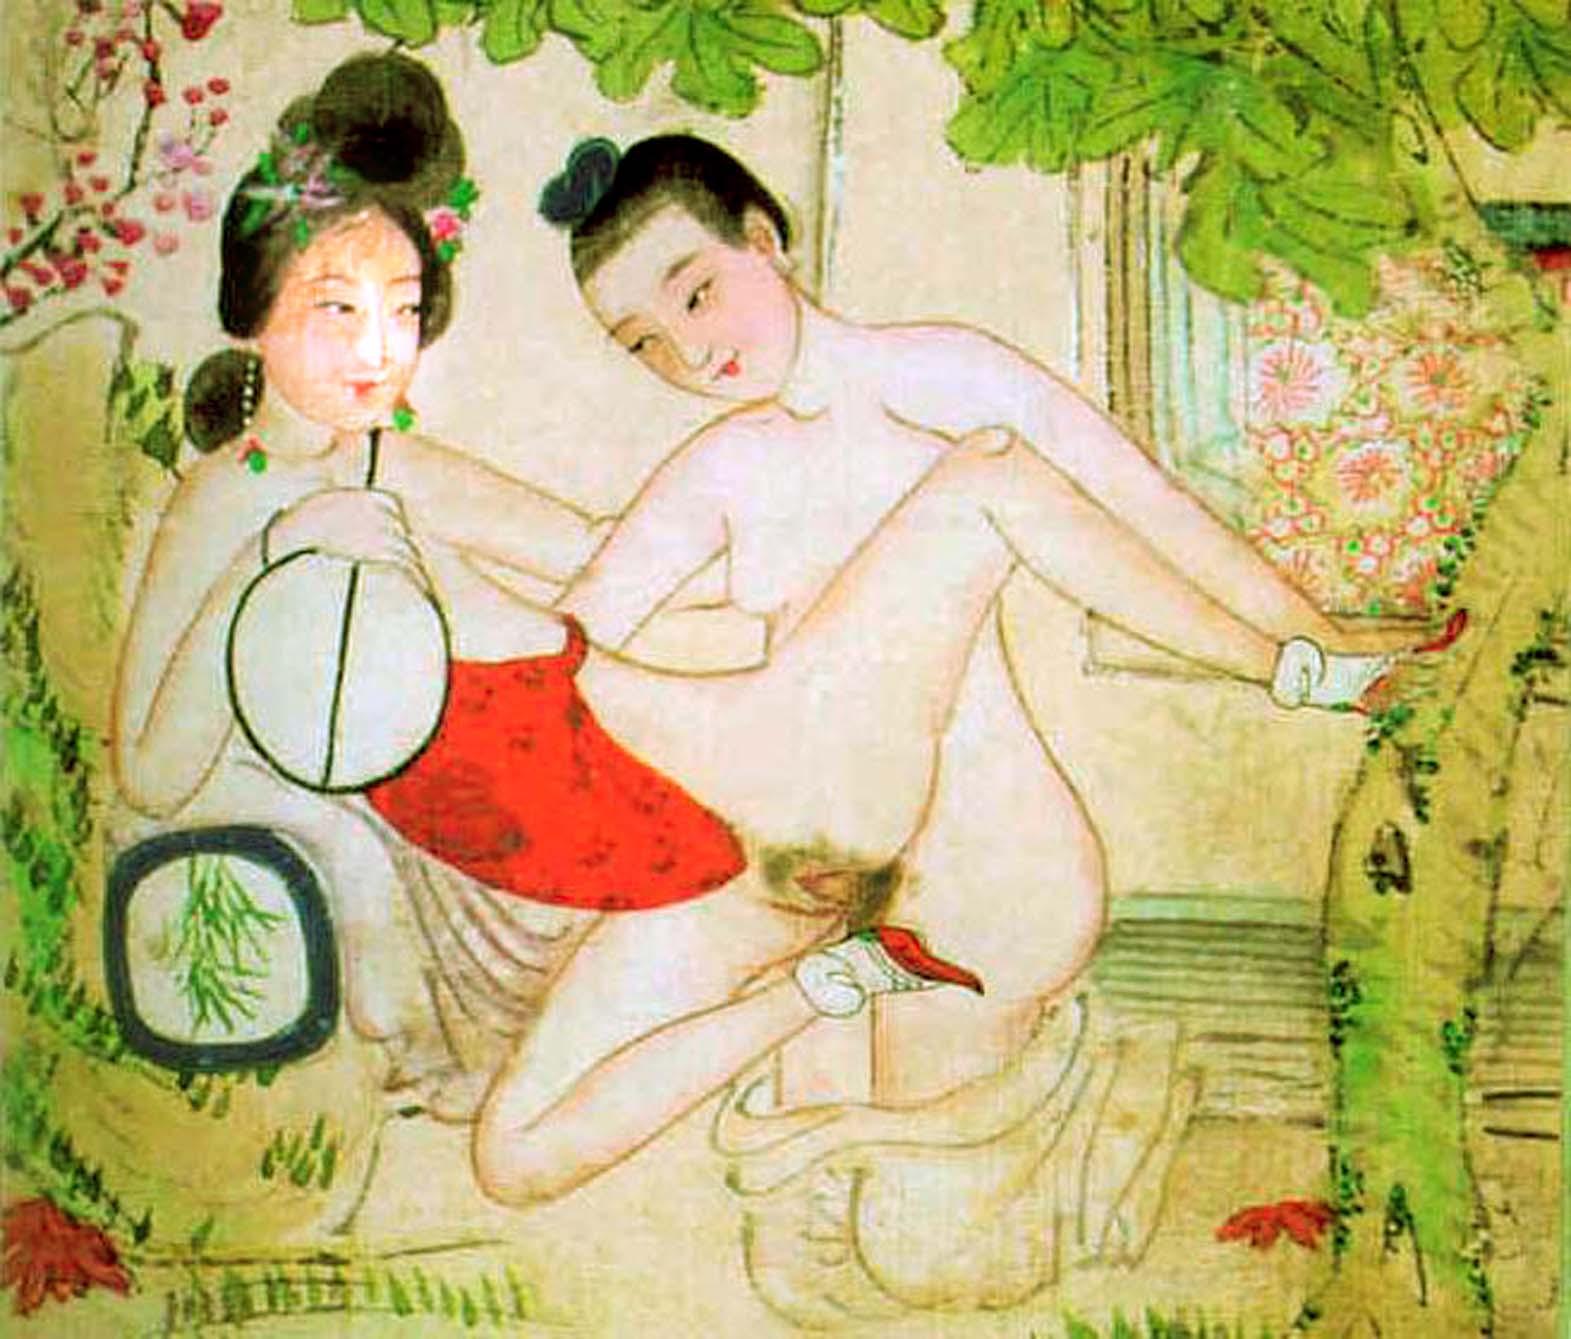 奇技淫巧——古代性教育图画 - hubao.an - hubao.an的博客